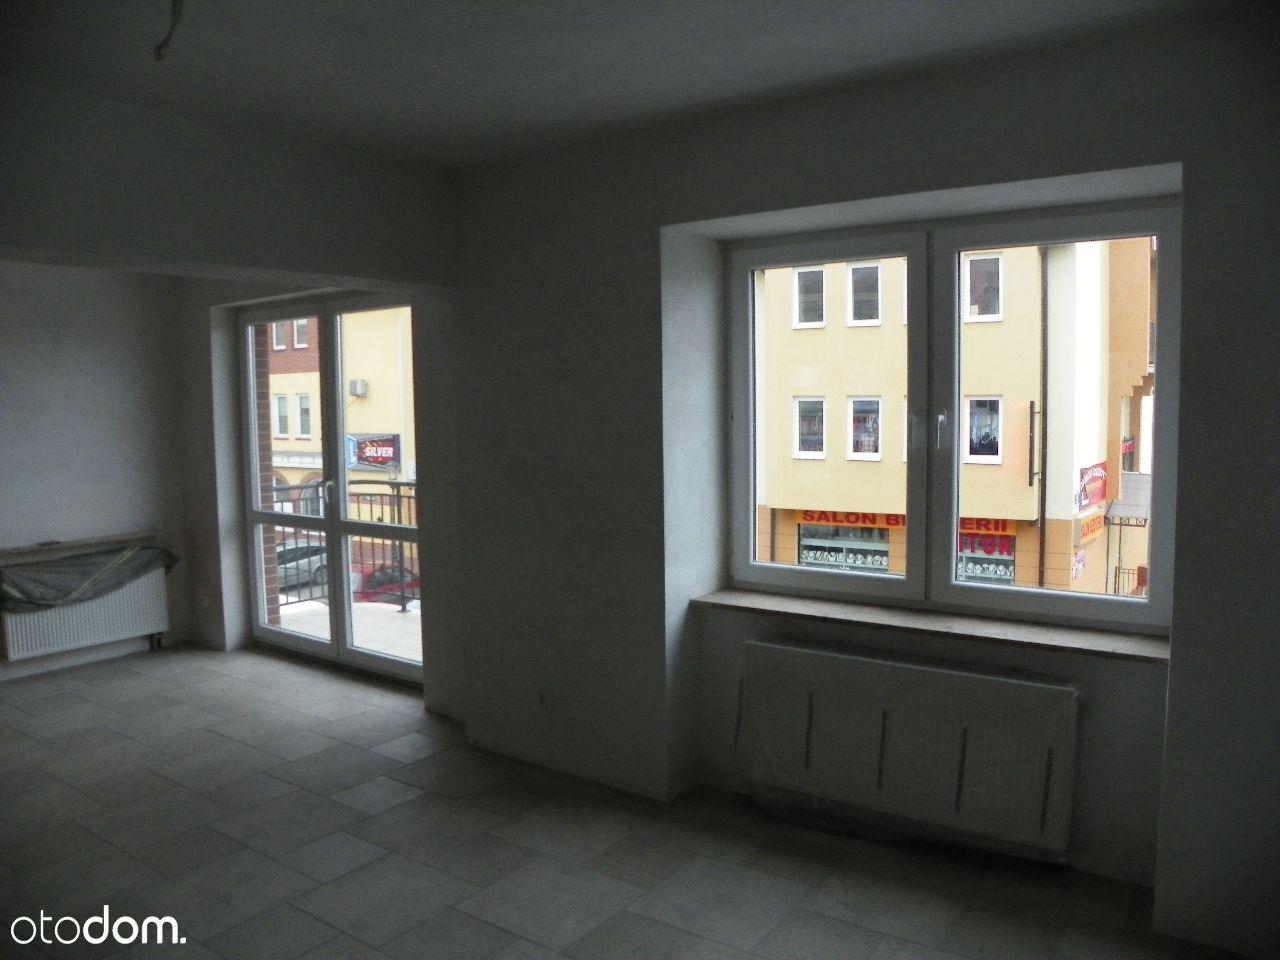 Lokal użytkowy na wynajem, Chełm, lubelskie - Foto 11